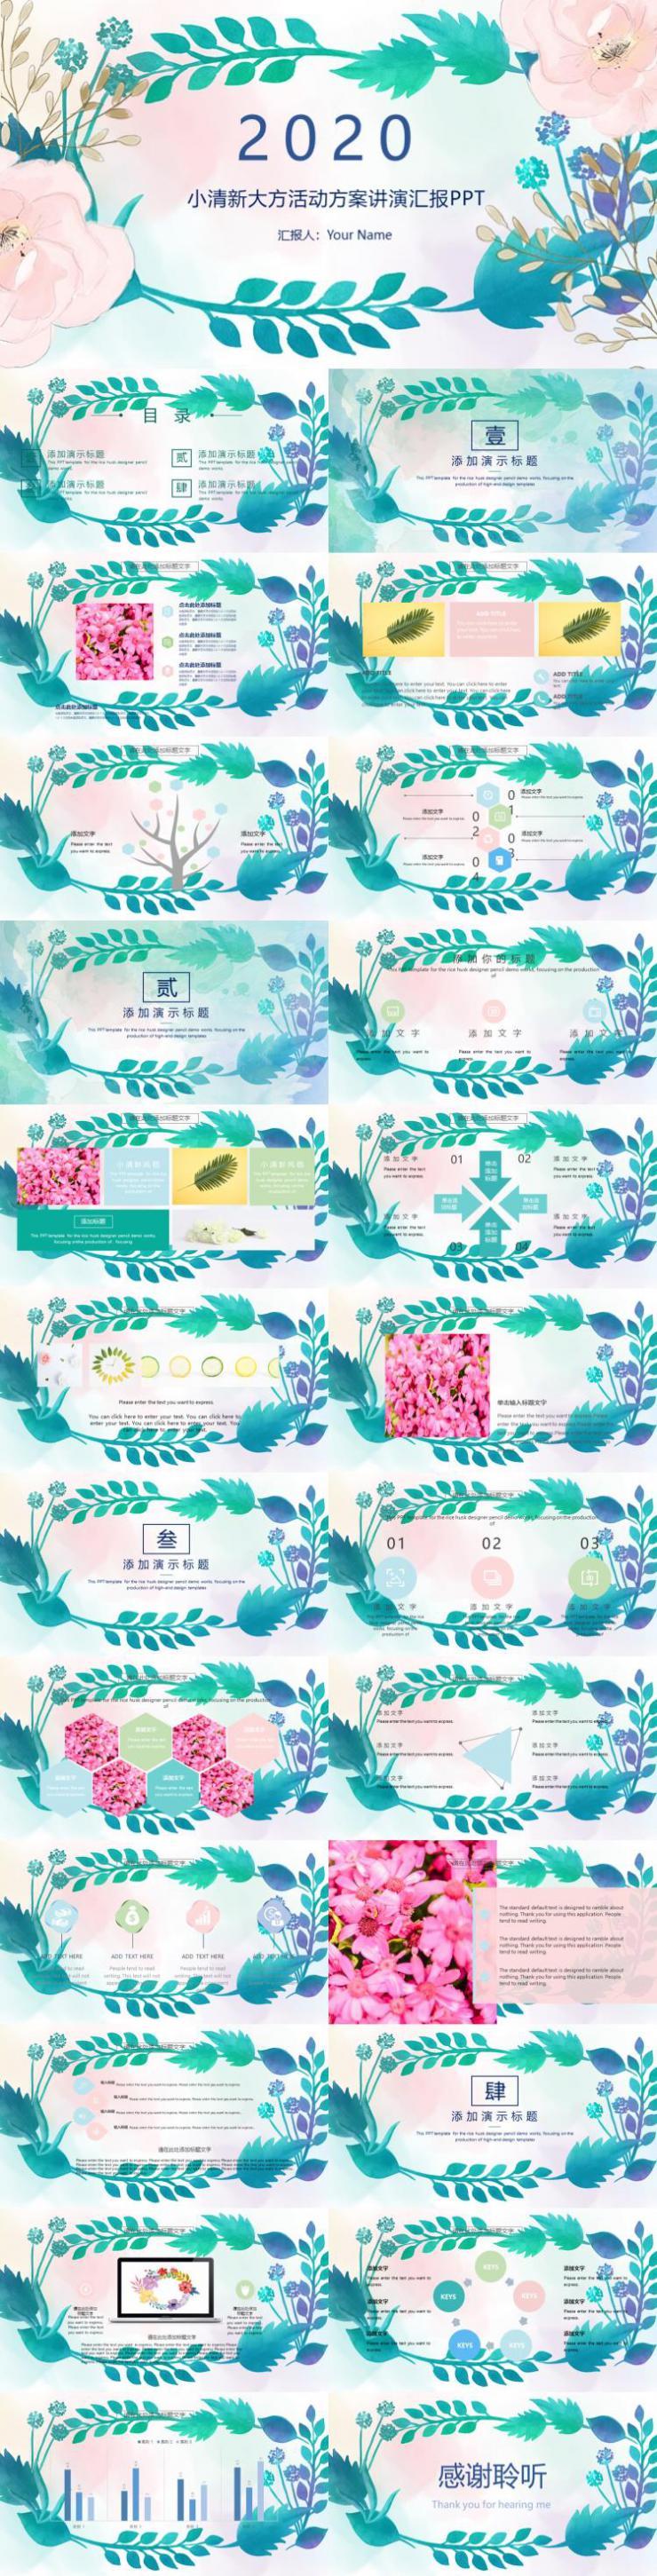 小清新蓝色绿色花朵工作总结ppt模板下载